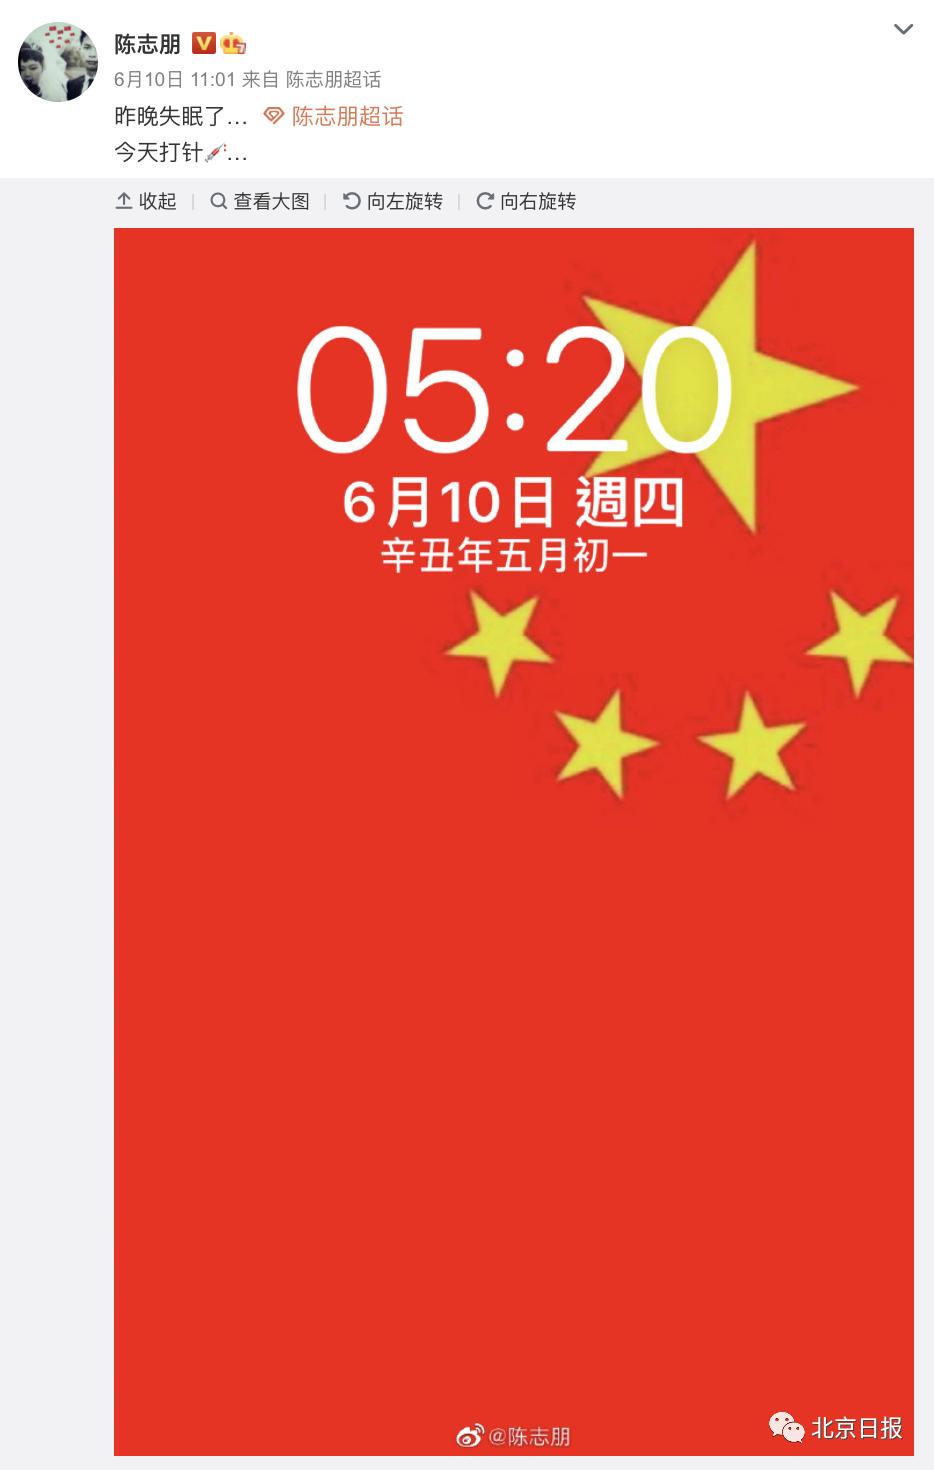 台湾艺人在大陆接种疫苗 手机屏保亮了